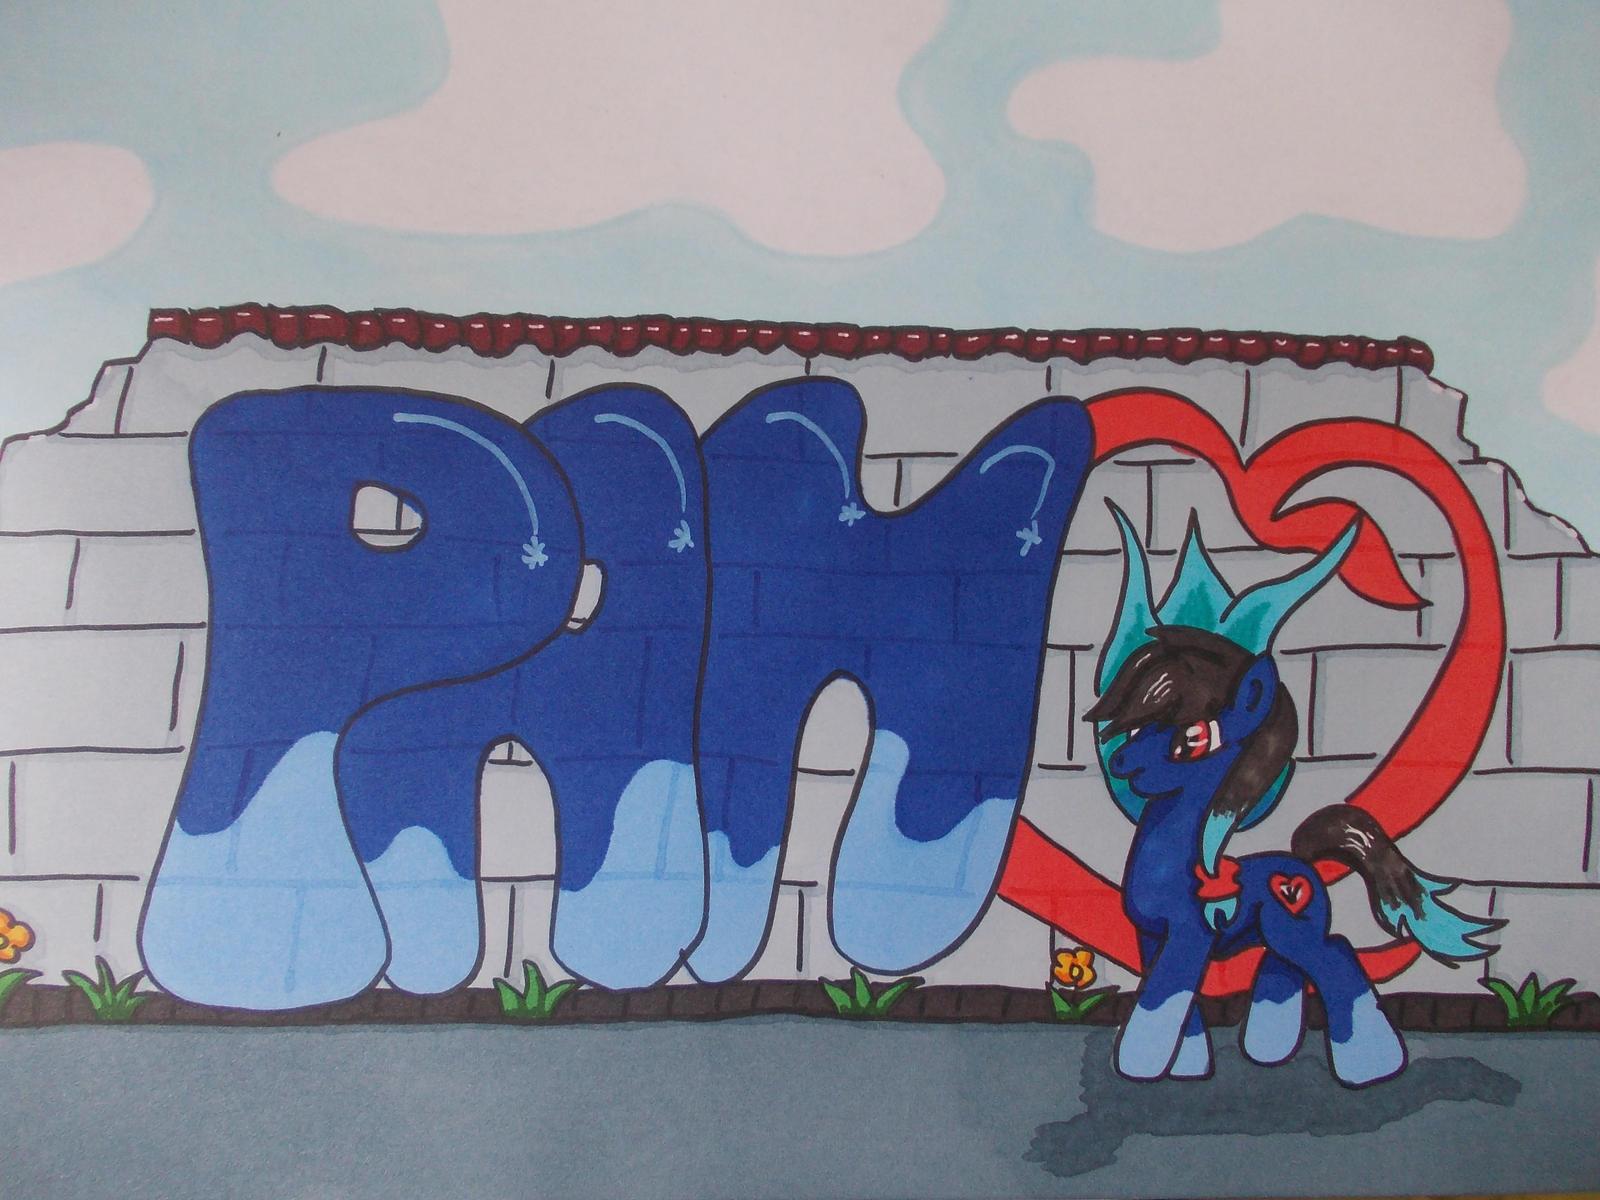 Pan Graffiti by PanHaukatze